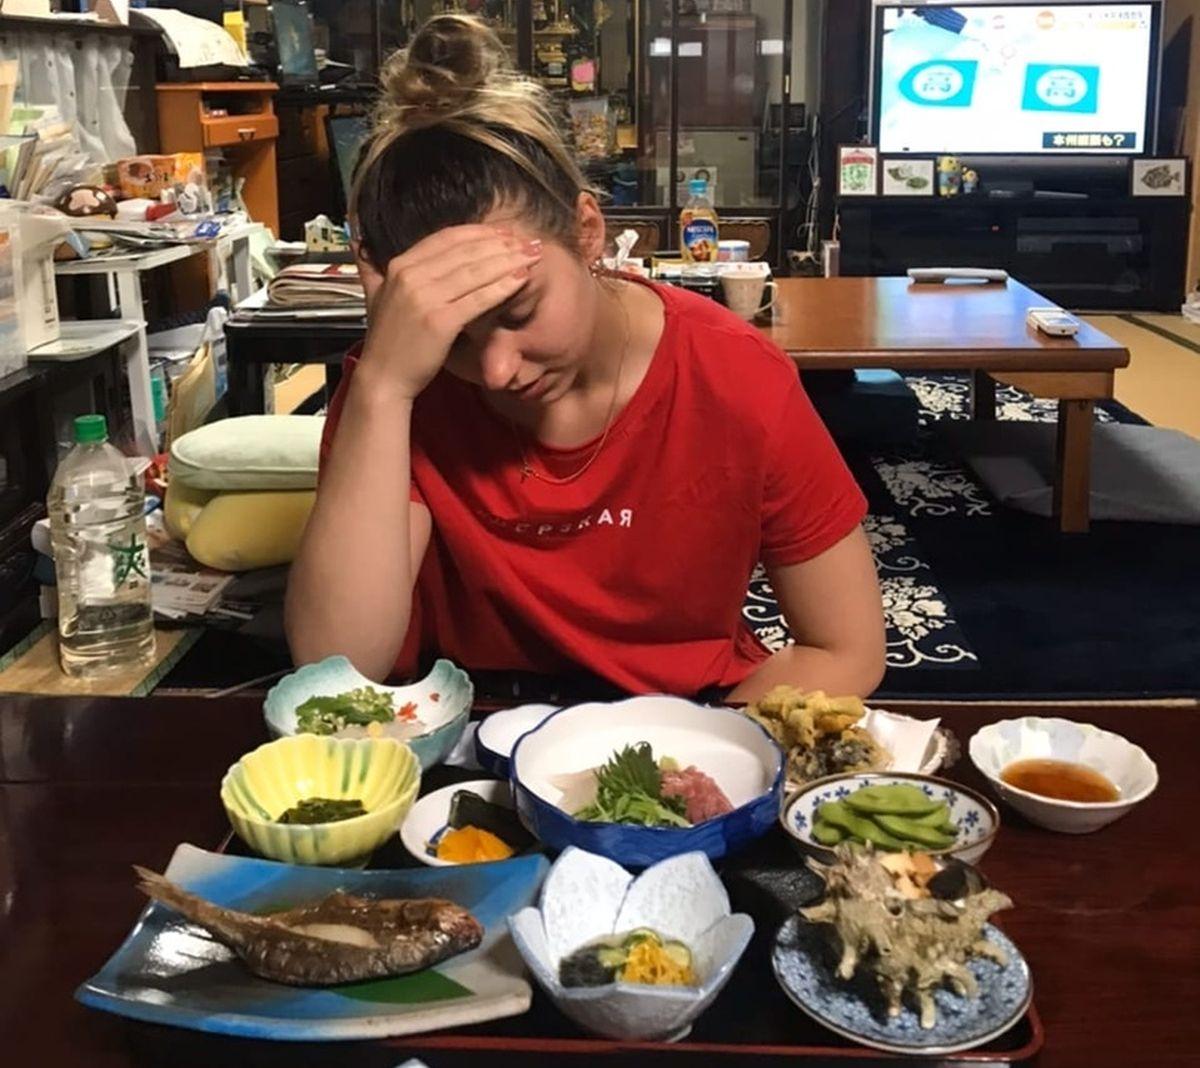 Завтрак по-японски. Фото: личный архив Алины СЕВЕЦ